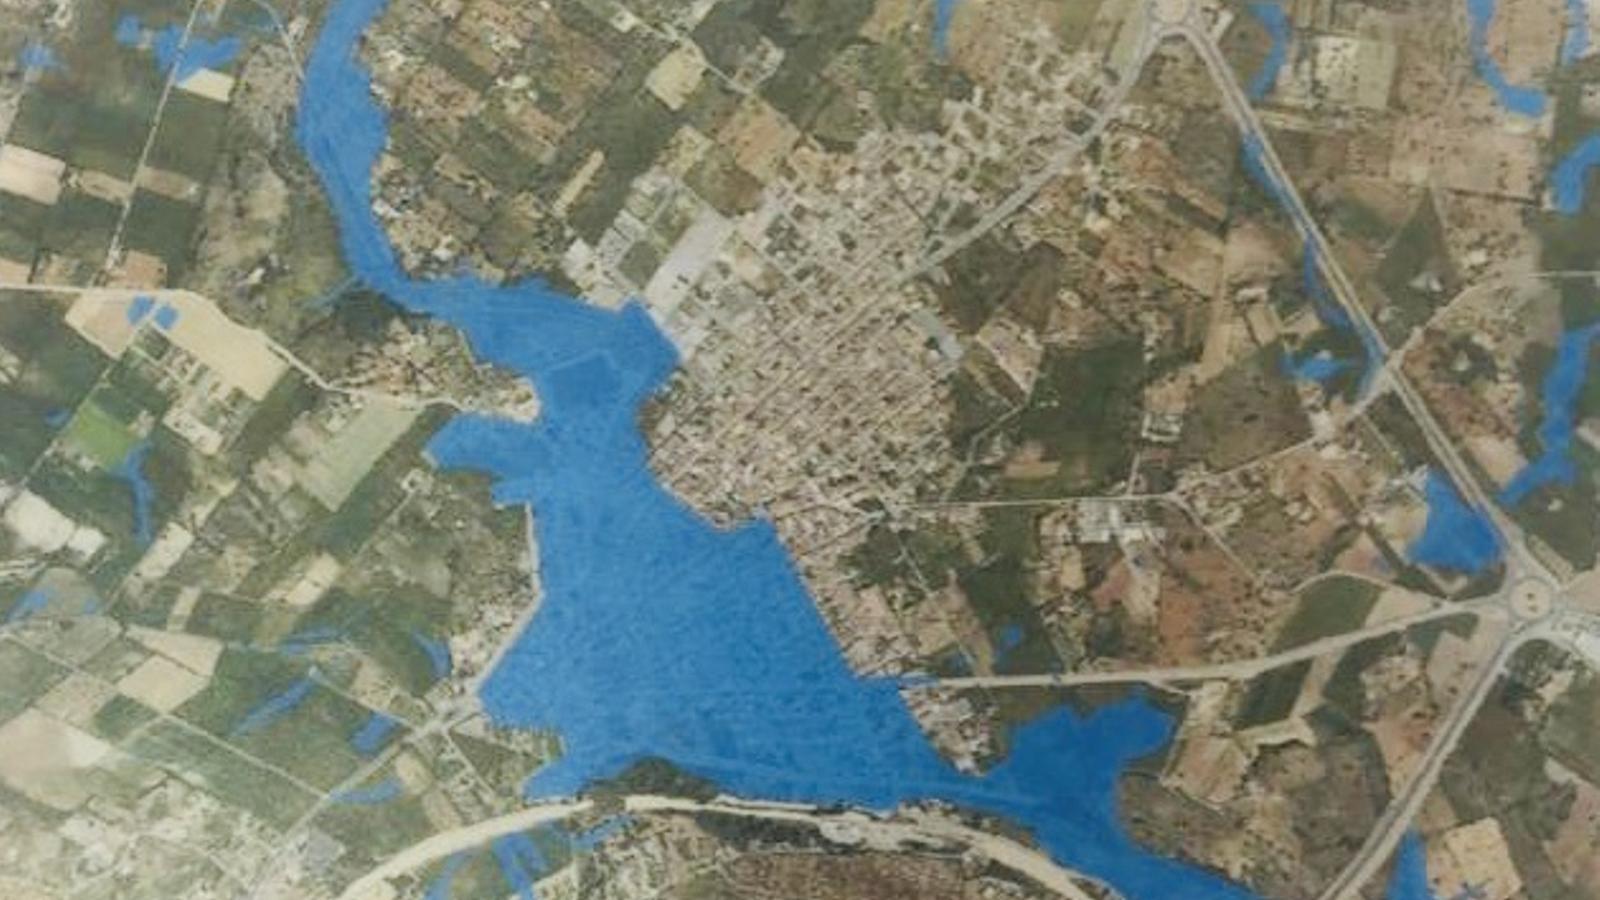 Aquest mapa de Sant Llorenç poble marca les zones inundables properes al nucli urbà.